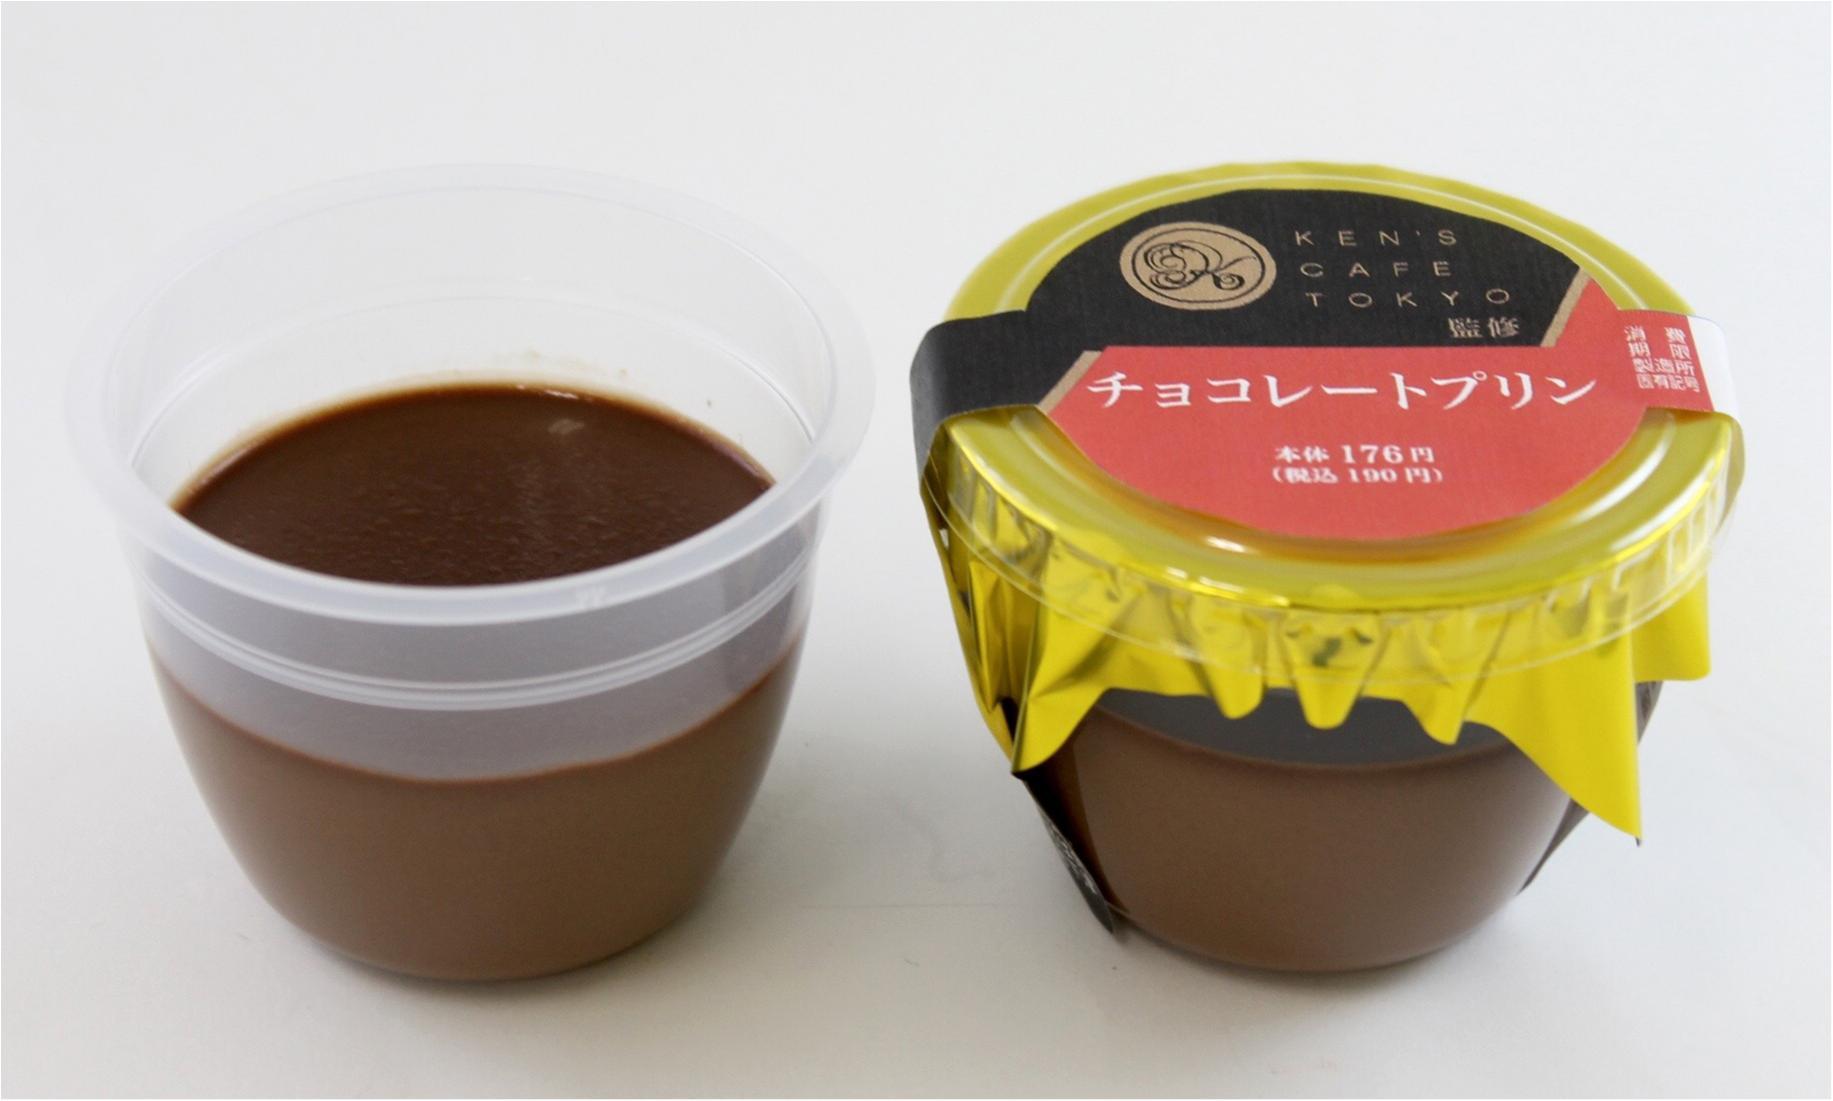 『ケンズカフェ東京』監修! 本格ショコラを『ファミリーマート』で♡_2